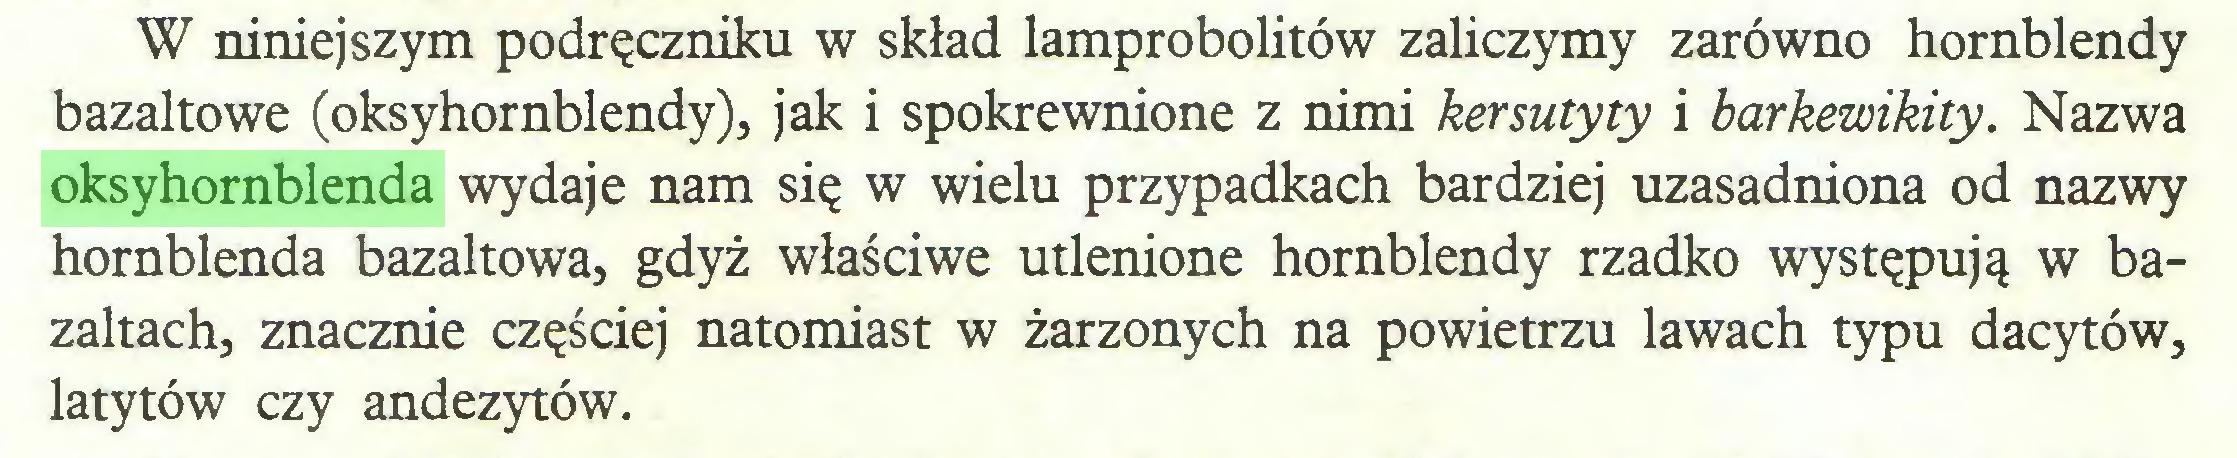 (...) W niniejszym podręczniku w skład lamprobolitów zaliczymy zarówno hornblendy bazaltowe (oksyhornblendy), jak i spokrewnione z nimi kersutyty i barkewikity. Nazwa oksyhornblenda wydaje nam się w wielu przypadkach bardziej uzasadniona od nazwy hornblenda bazaltowa, gdyż właściwe utlenione hornblendy rzadko występują w bazaltach, znacznie częściej natomiast w żarzonych na powietrzu lawach typu dacytów, latytów czy andezytów...